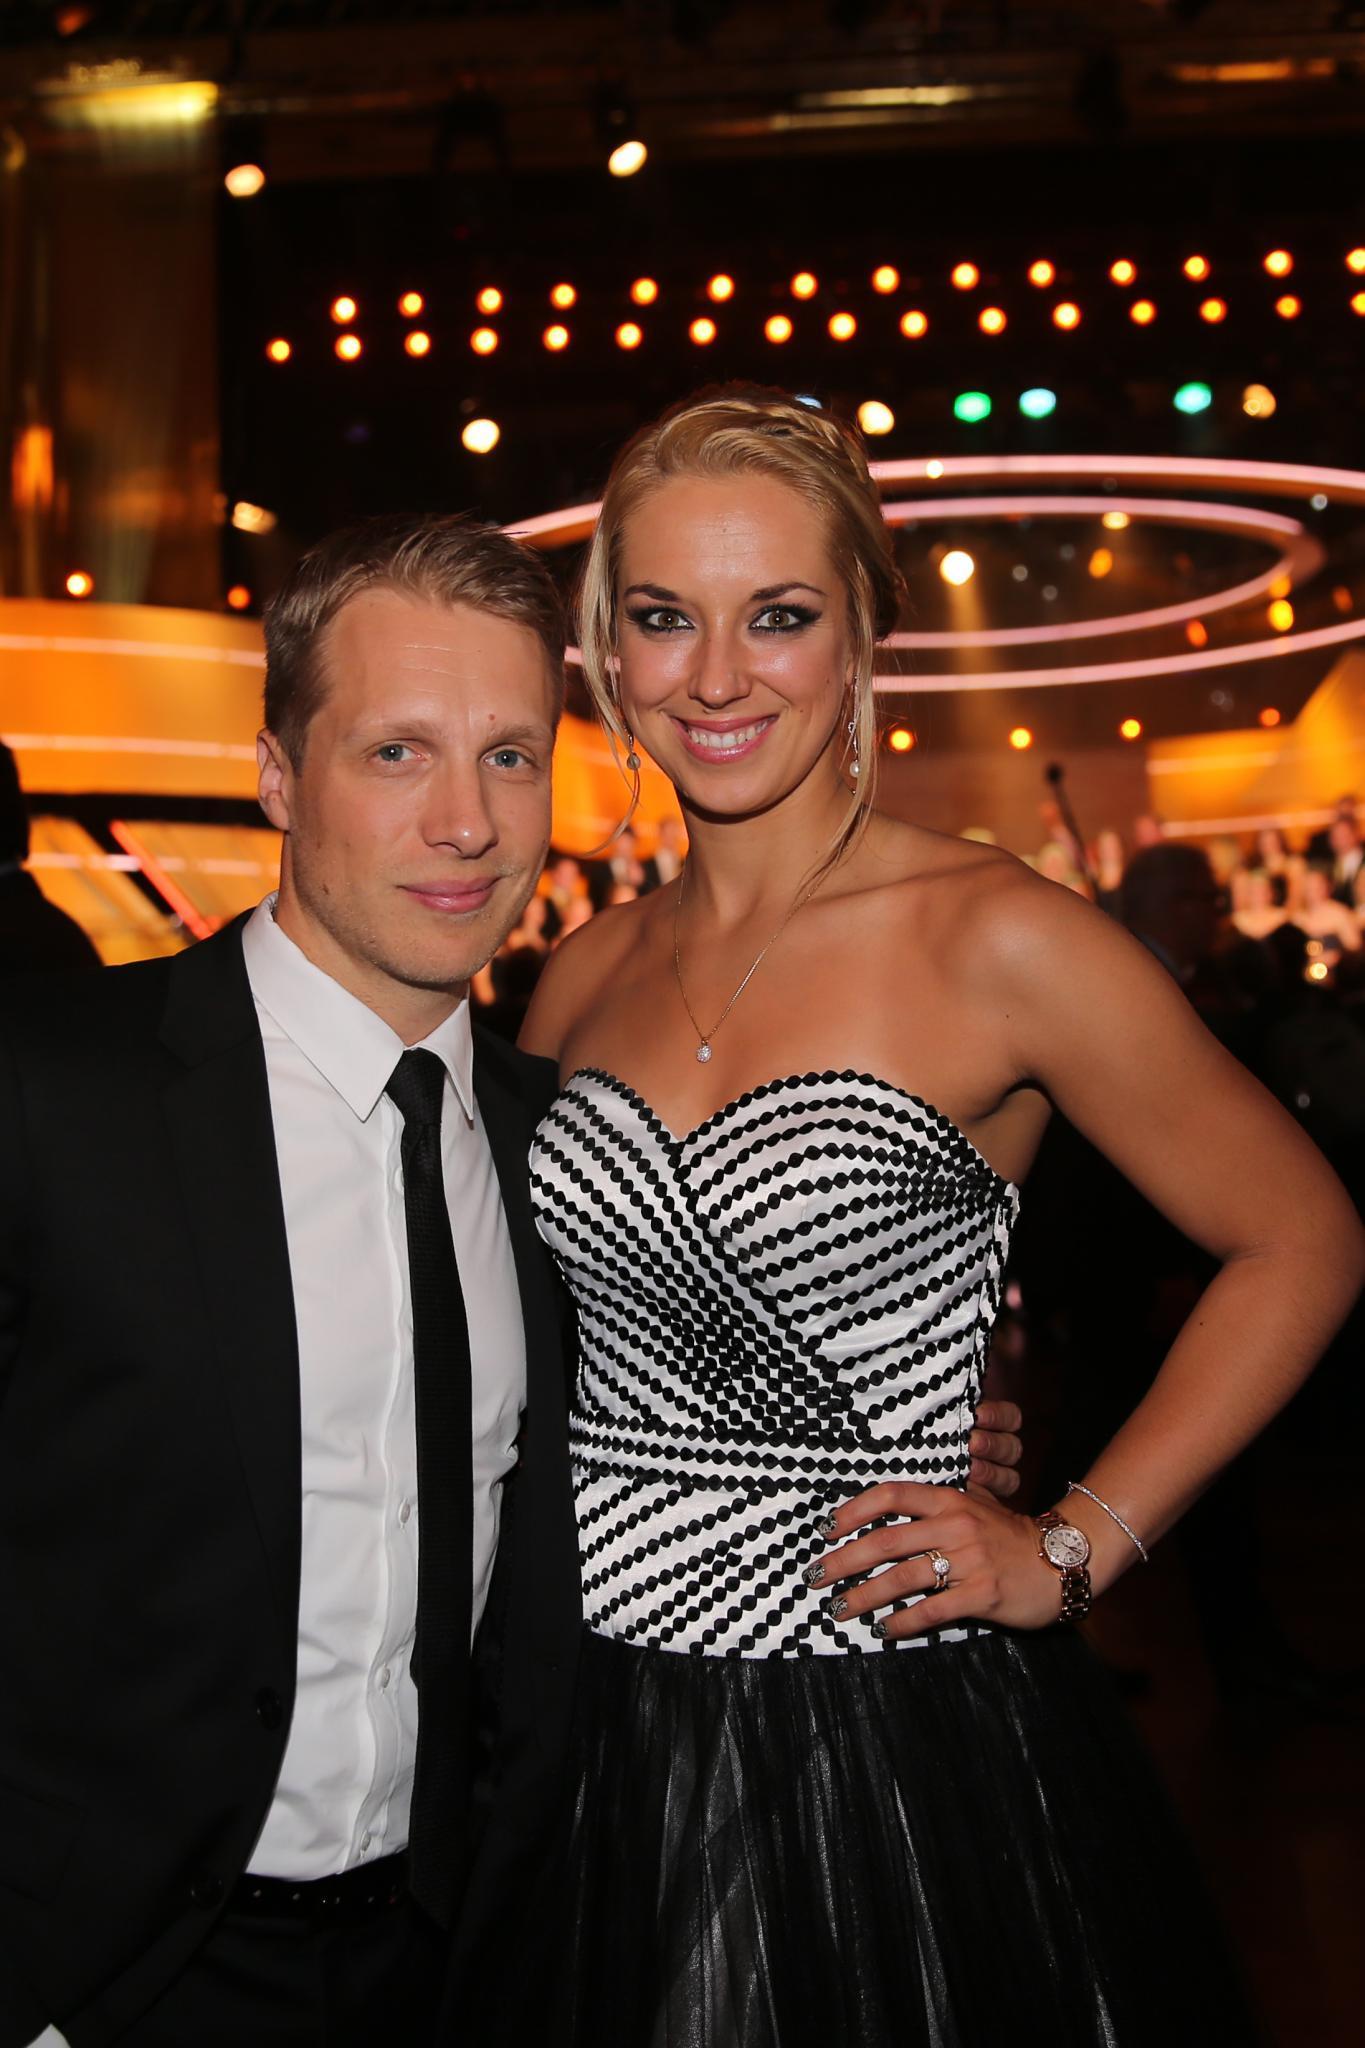 Privat scheint für Pocher alles rundzulaufen. Seit vergangenem Jahr ist der sportbegeisterte Entertainer mit Tennis-Profi Sabine Lisicki liiert.